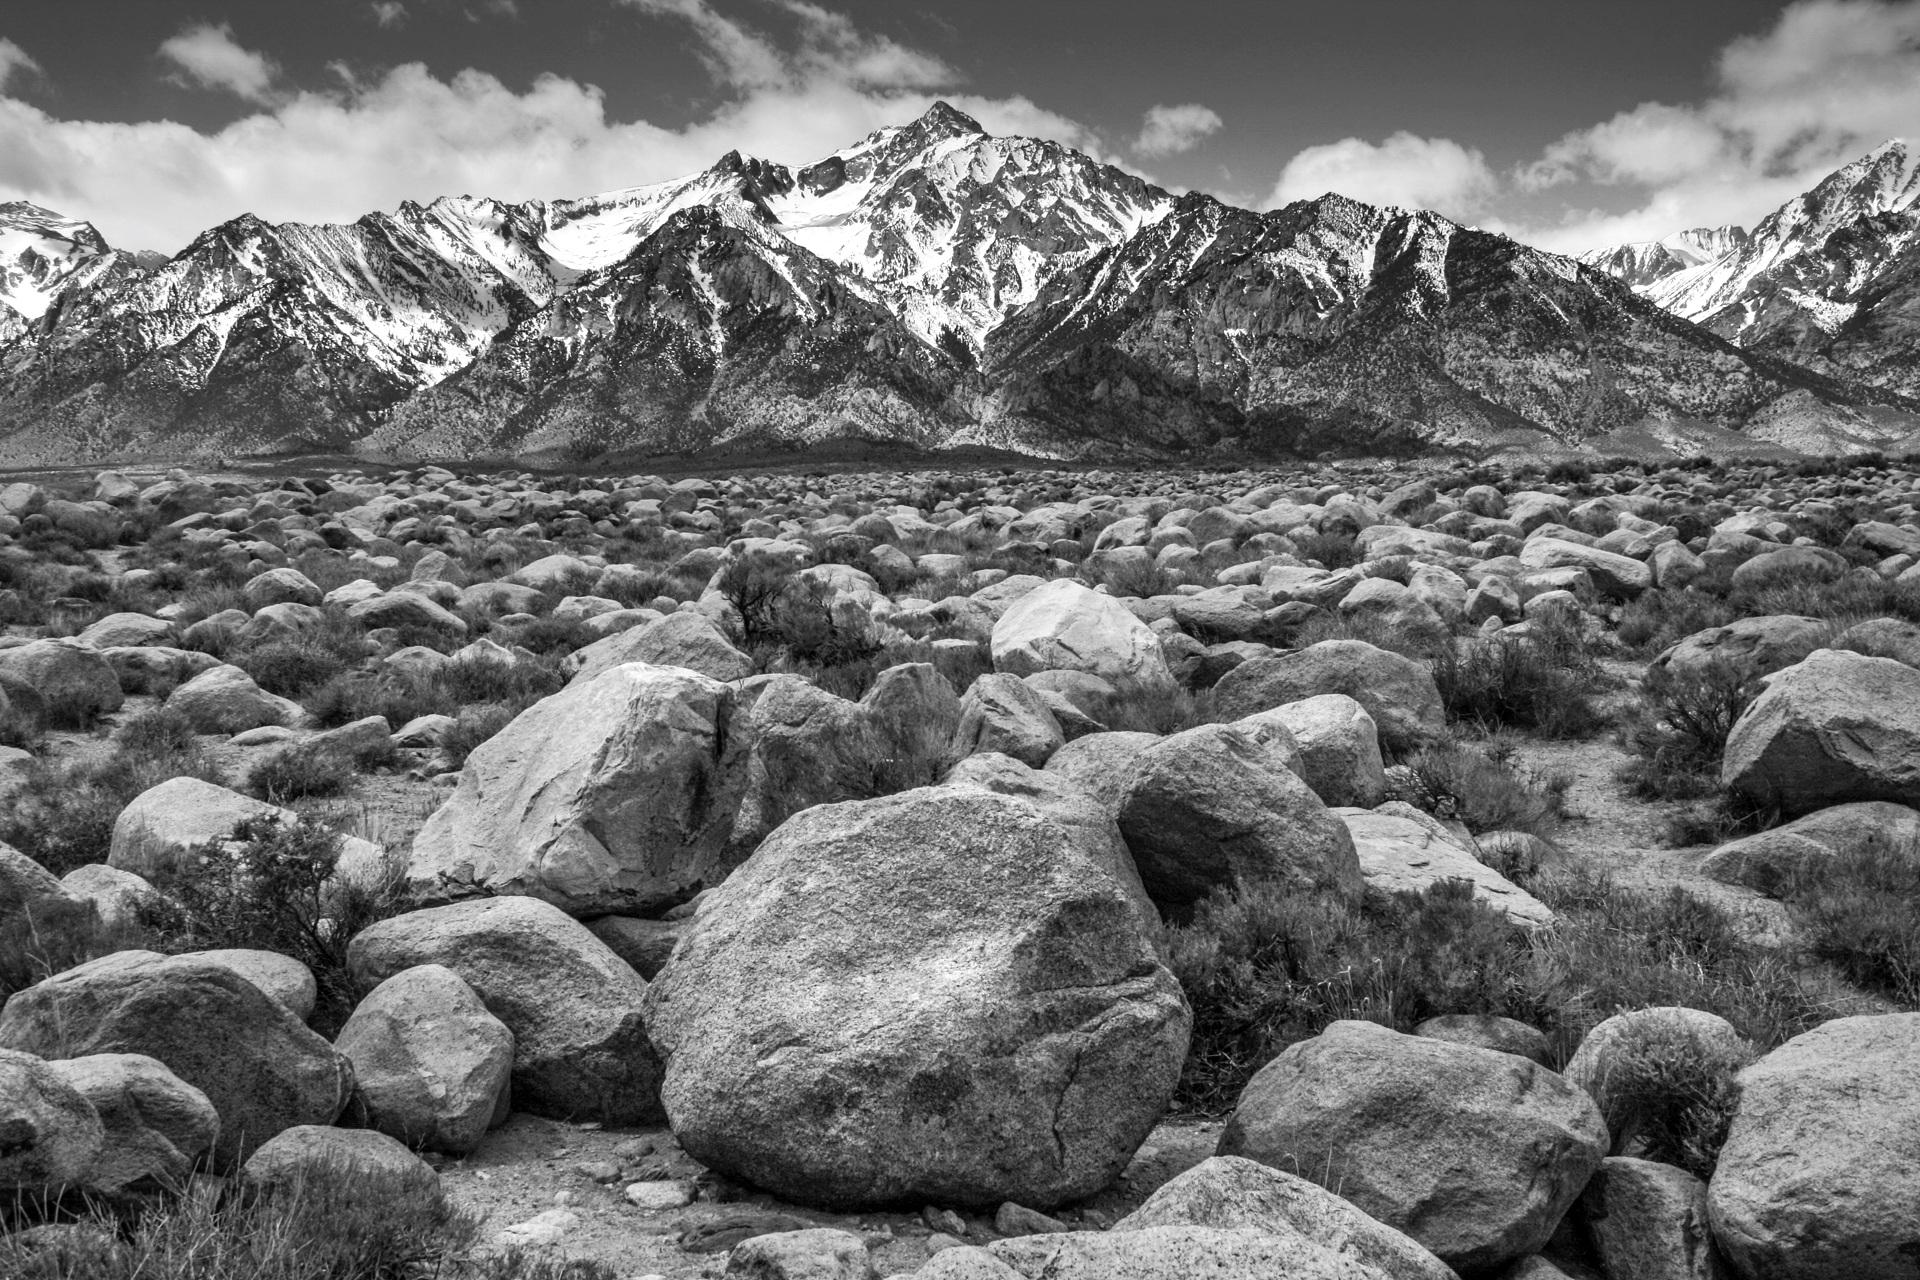 Mt. Williamson from Manzanar